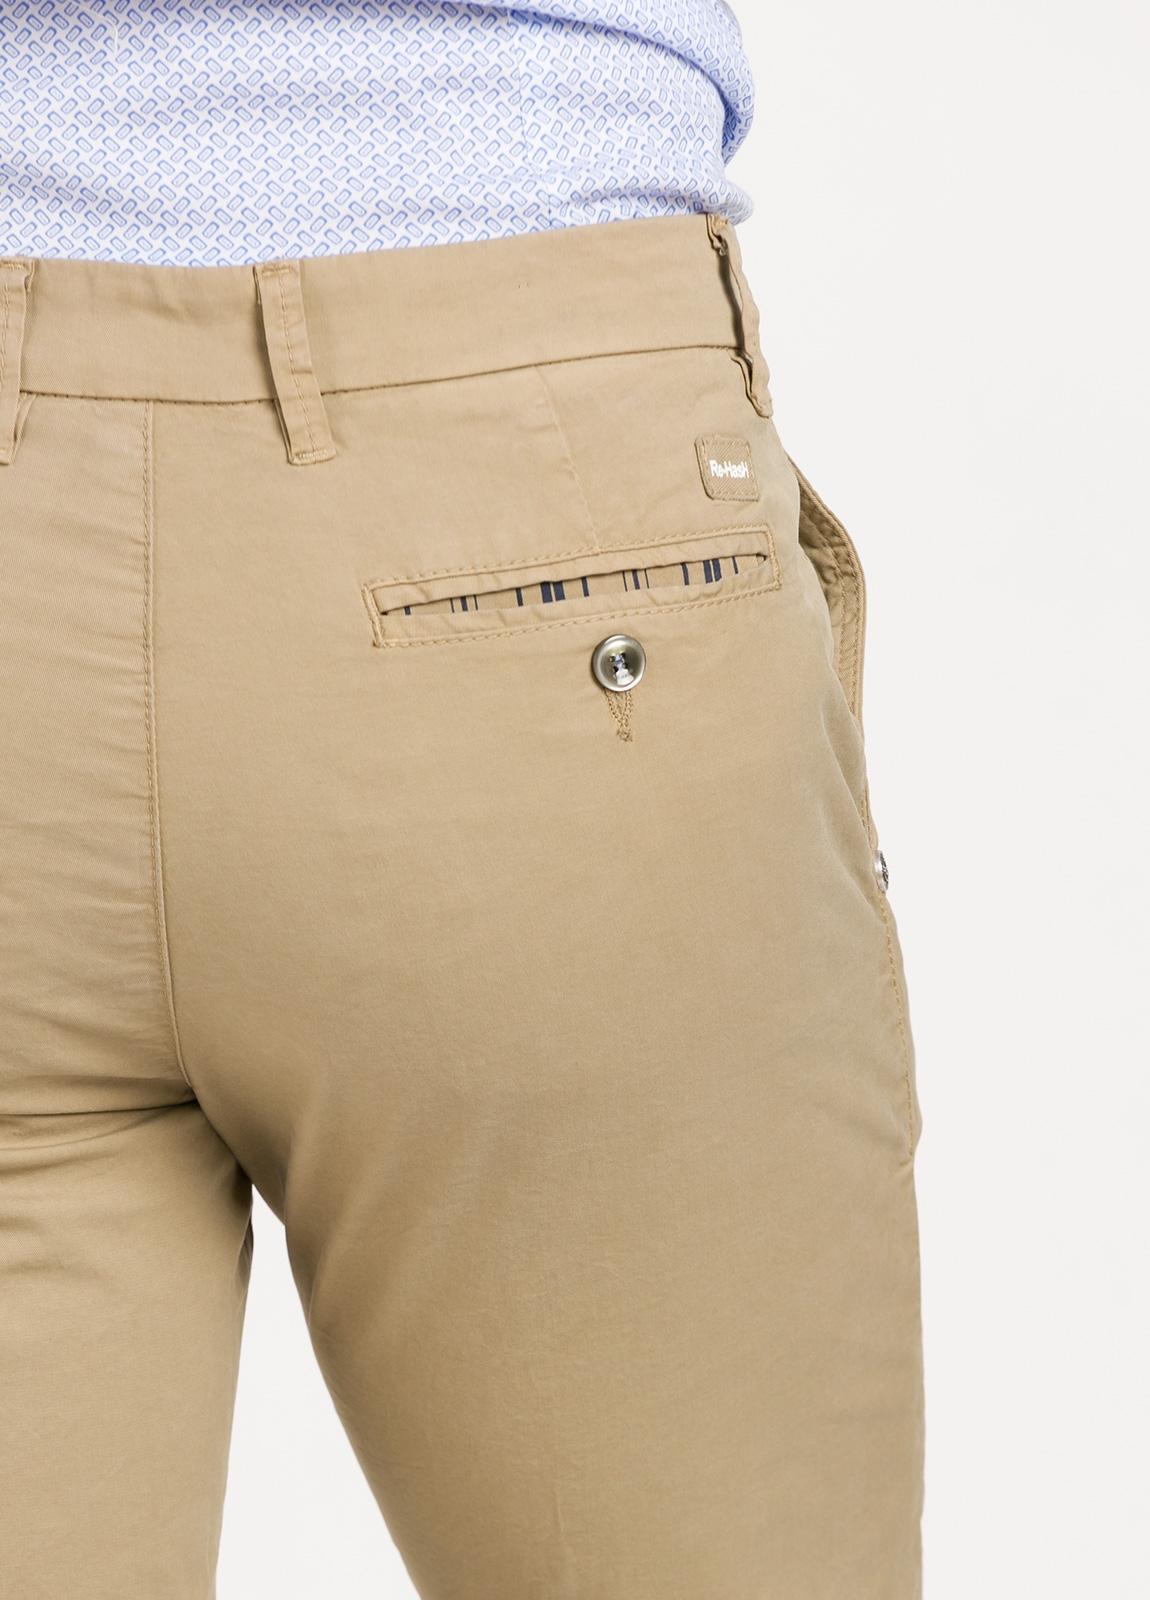 Pantalón sport modelo MUCHA P249 color beige. Algodón y elastáno. - Ítem2